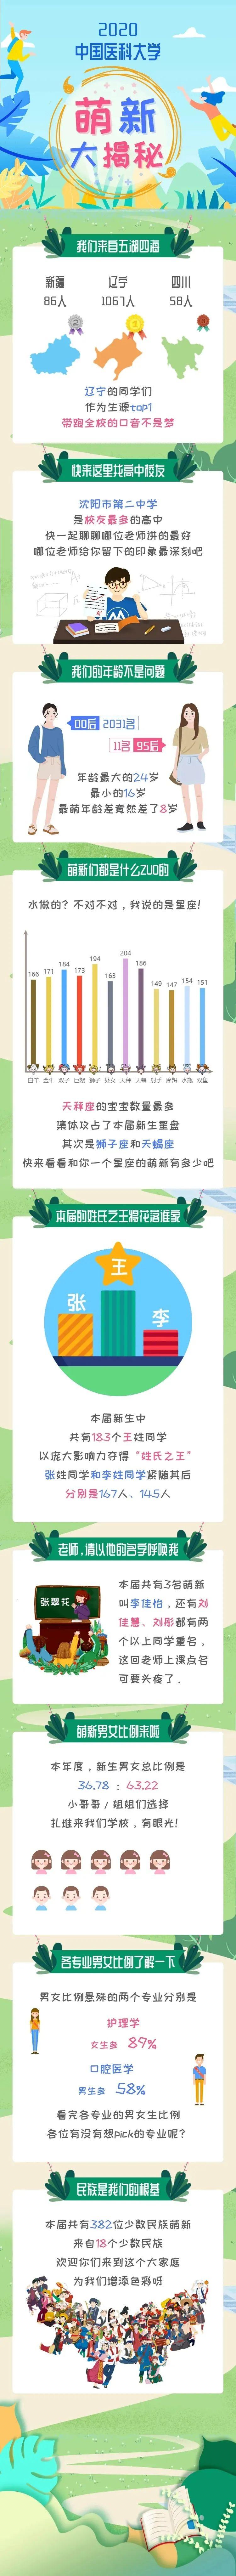 2020中国医科大学萌新大揭密图片